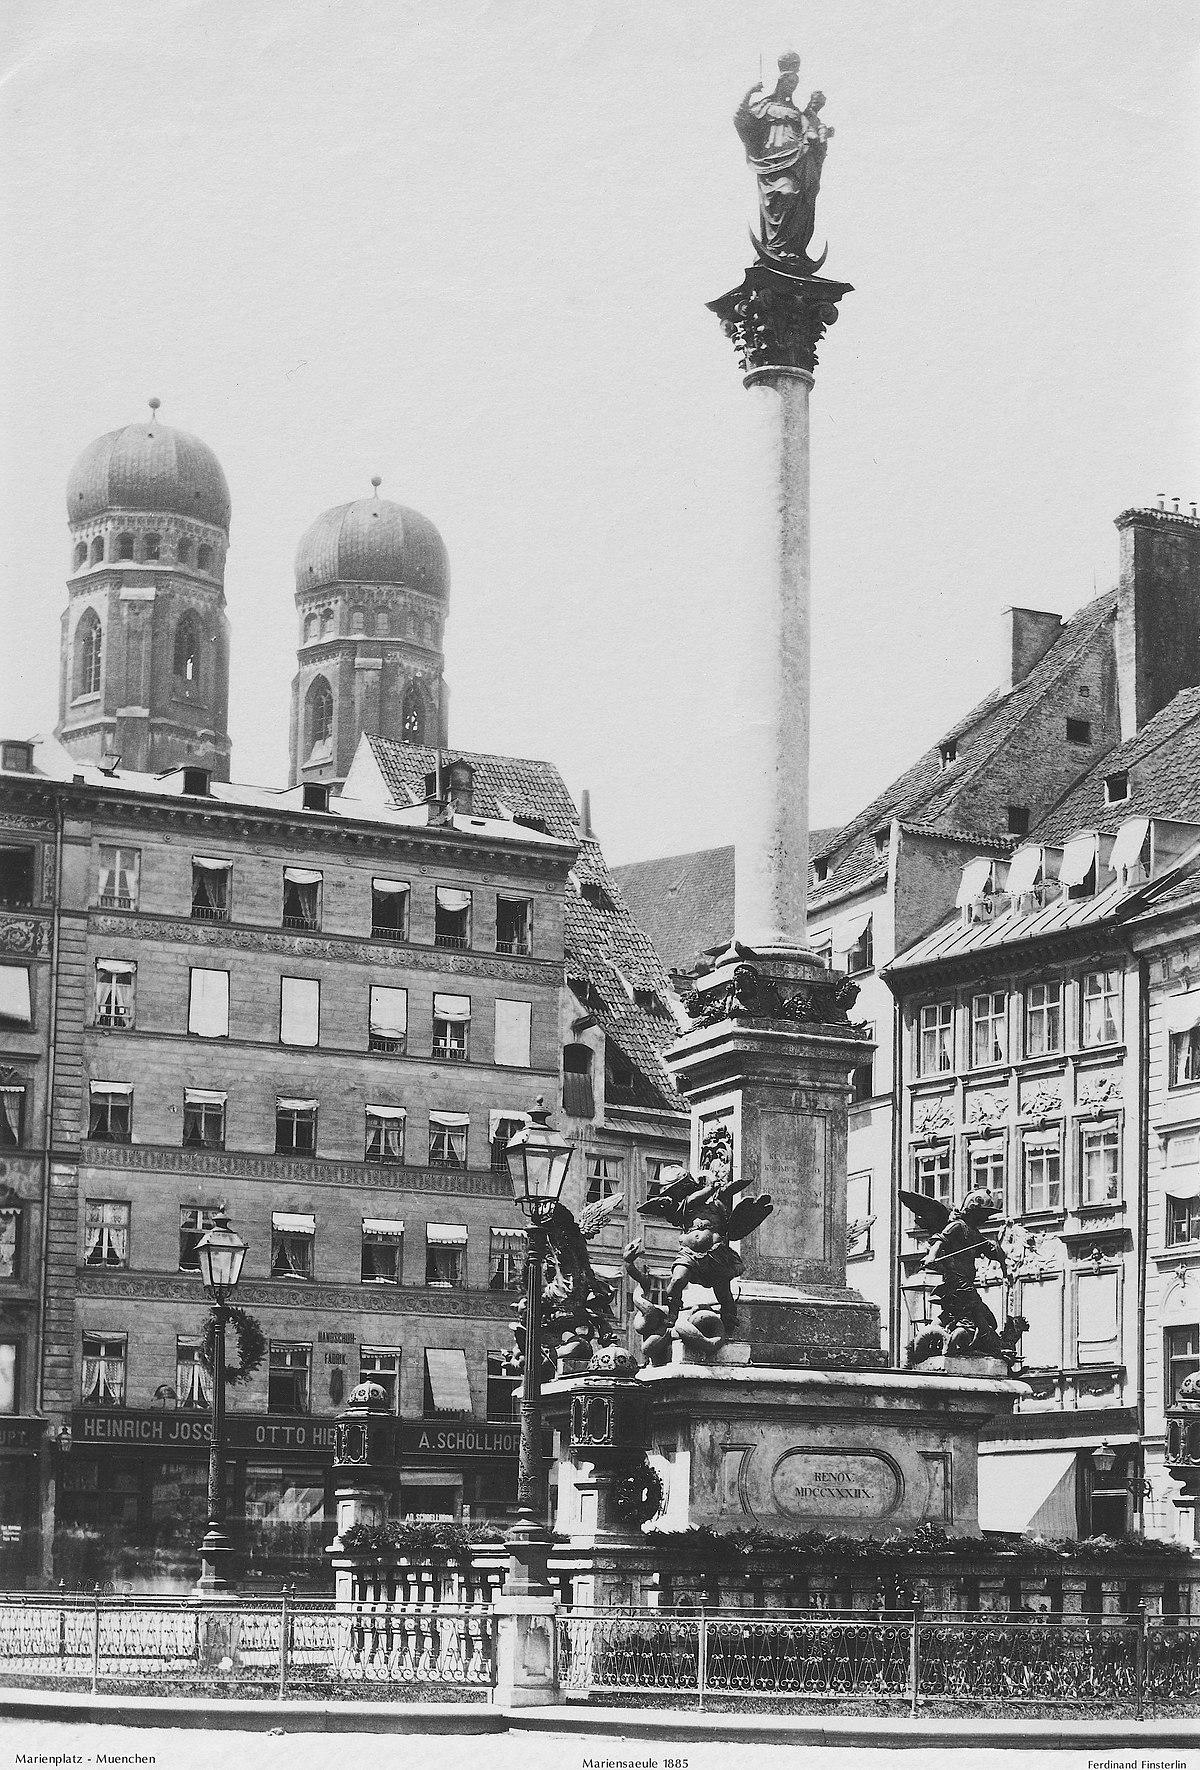 Ferdinand Finsterlin Mariensäule 1885.jpg